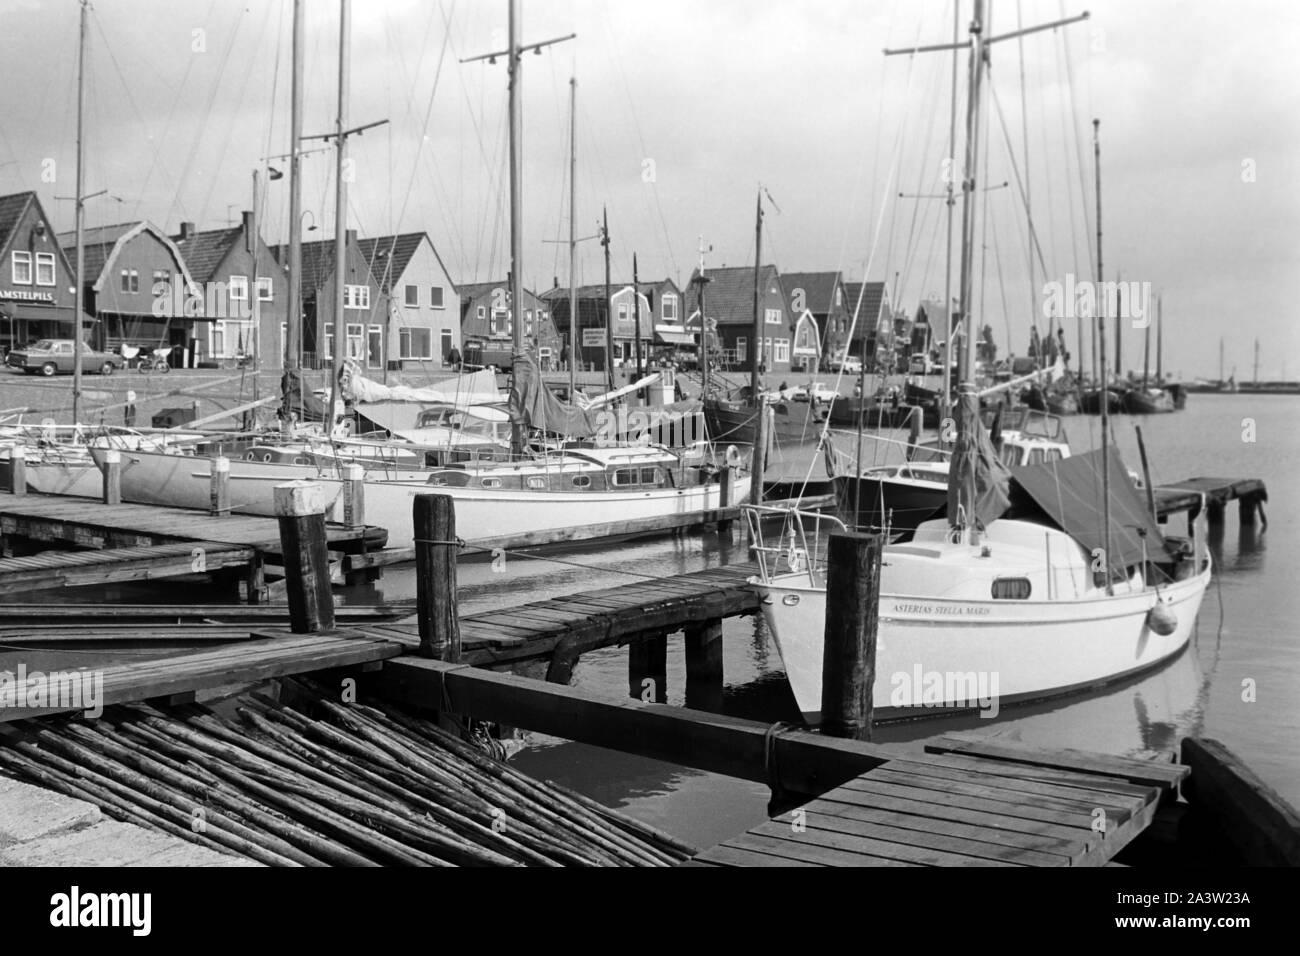 Segelboote an einem Kai im Hafen von Volendam Niederlande 1971. Sailing boats on a quay at the harbor of Volendam, The Netherlands 1971. Stock Photo